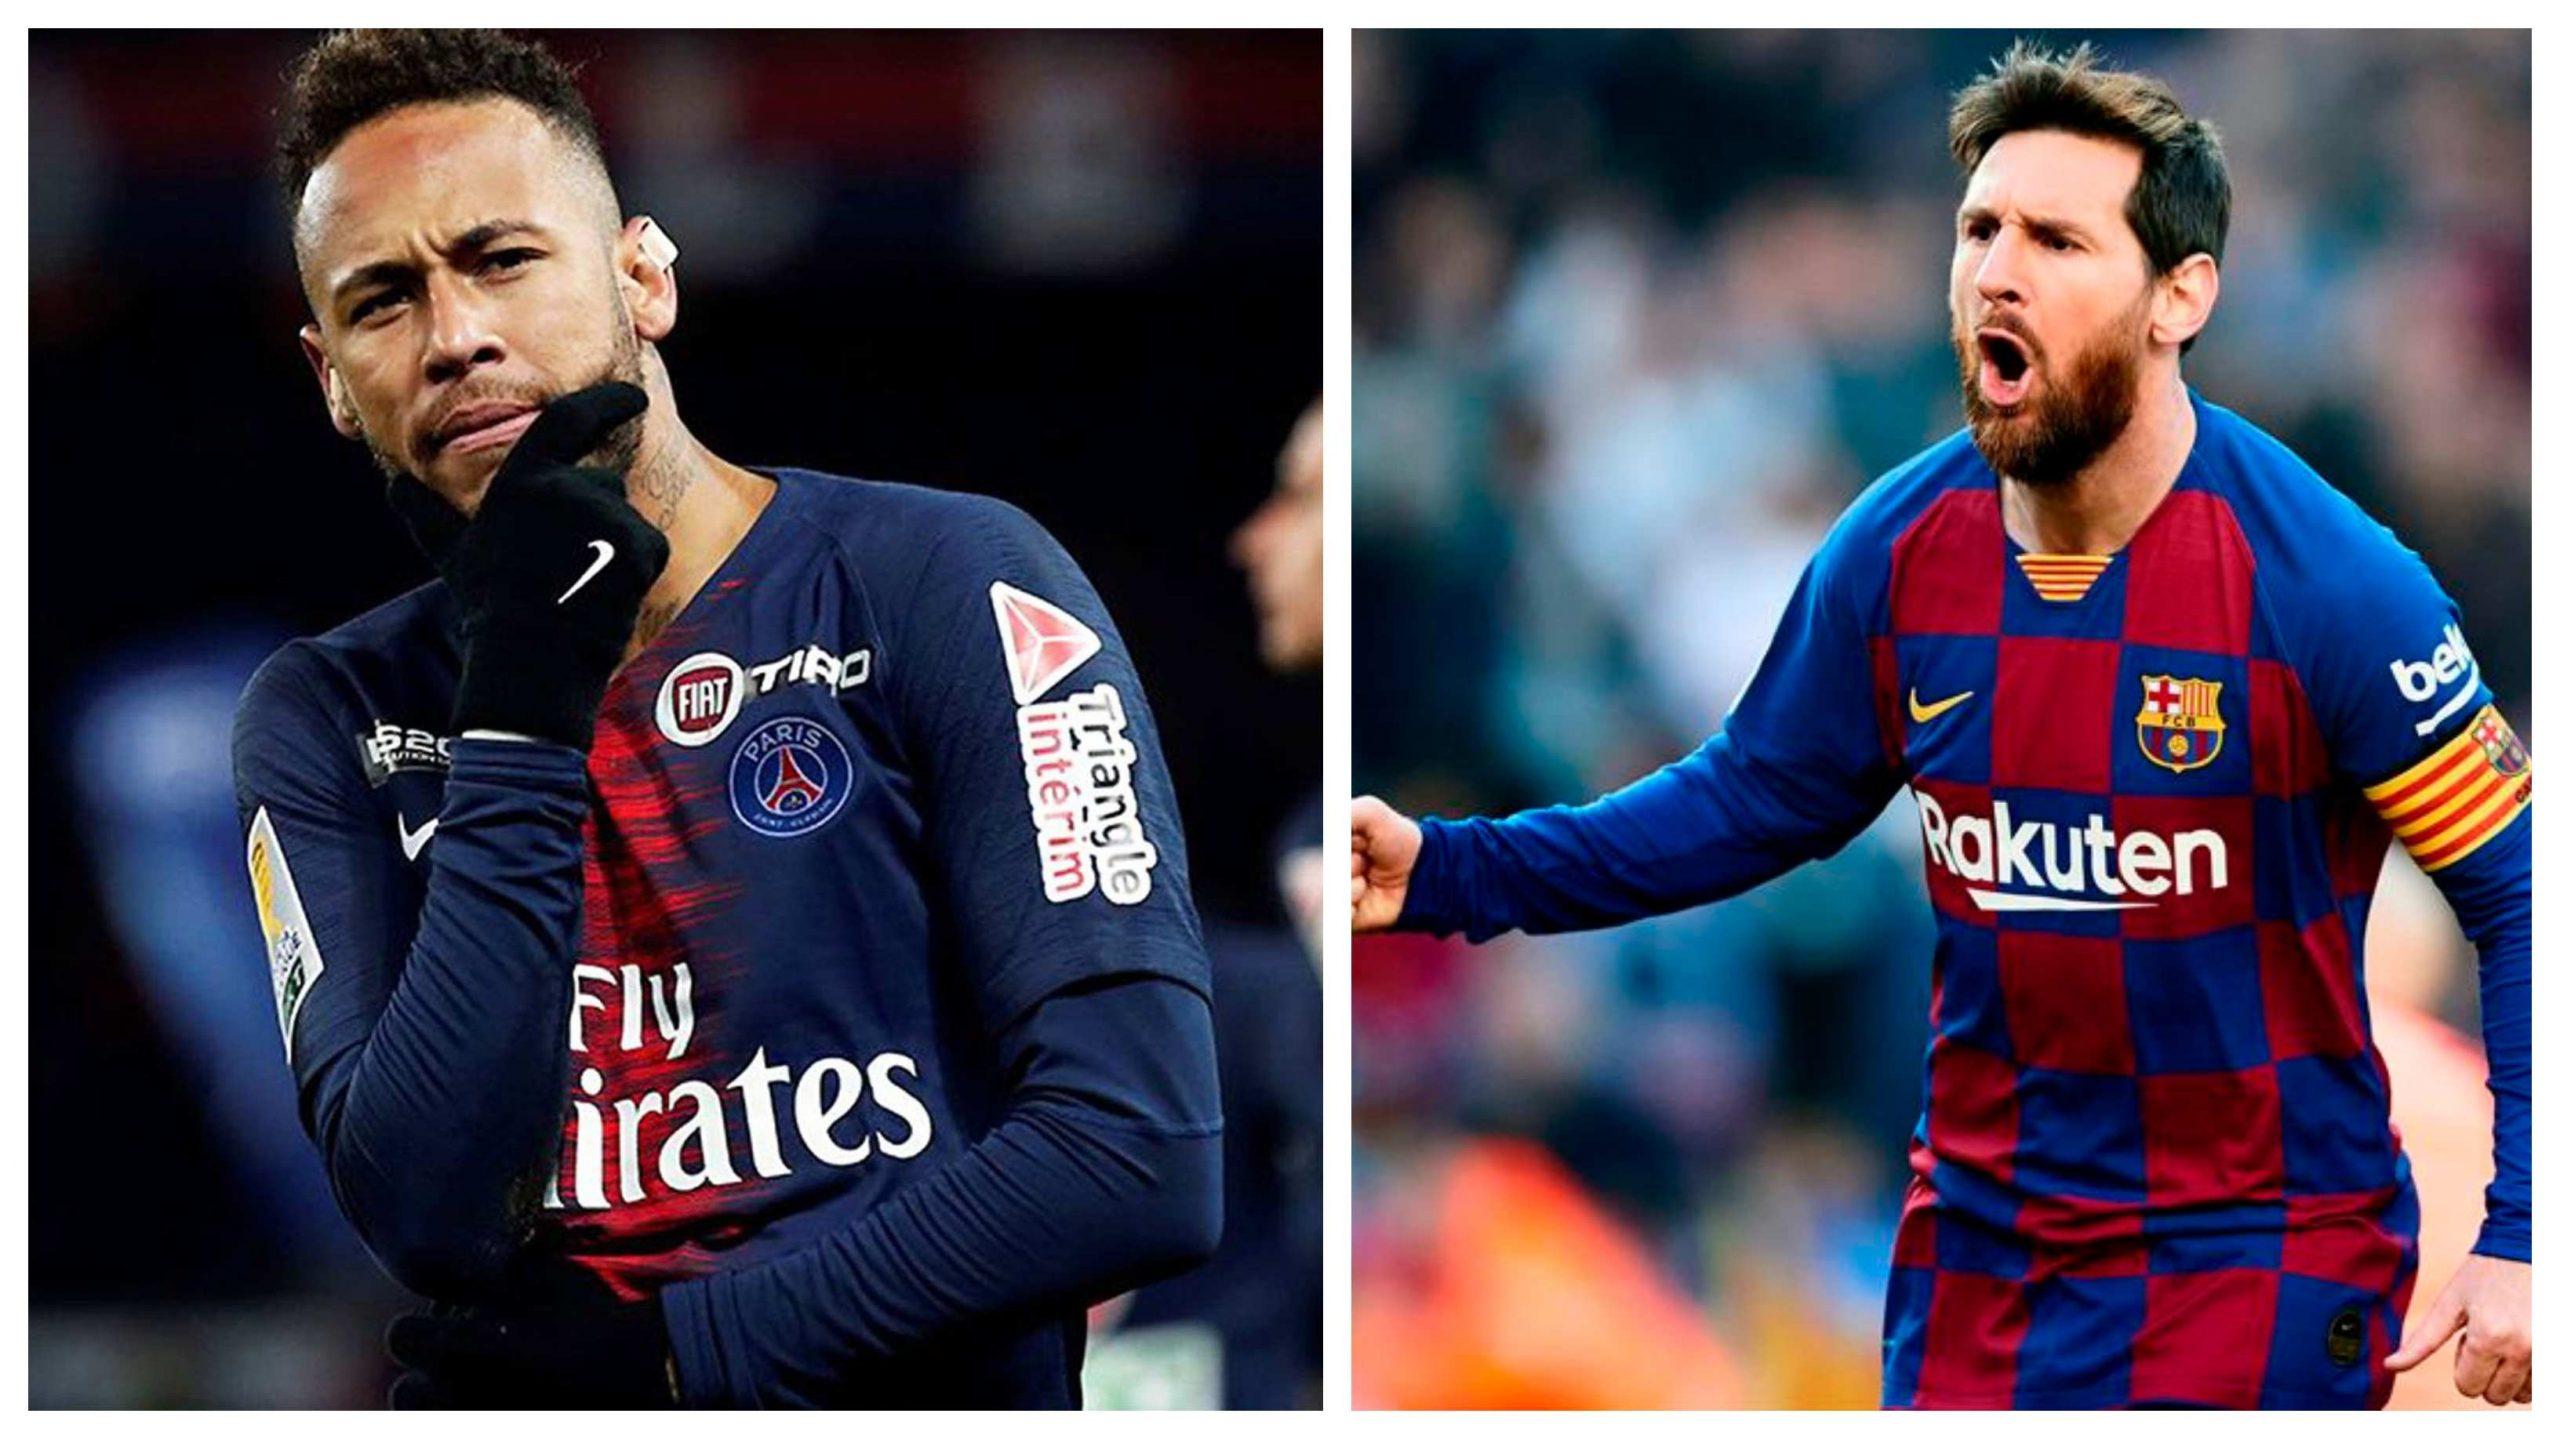 Los observadores técnicos de la UEFA dieron a conocer a los futbolistas elegidos para el equipo ideal de la temporada en el que figuran Messi y Neymar, pero no Cristiano Ronaldo. (Foto: EFE)